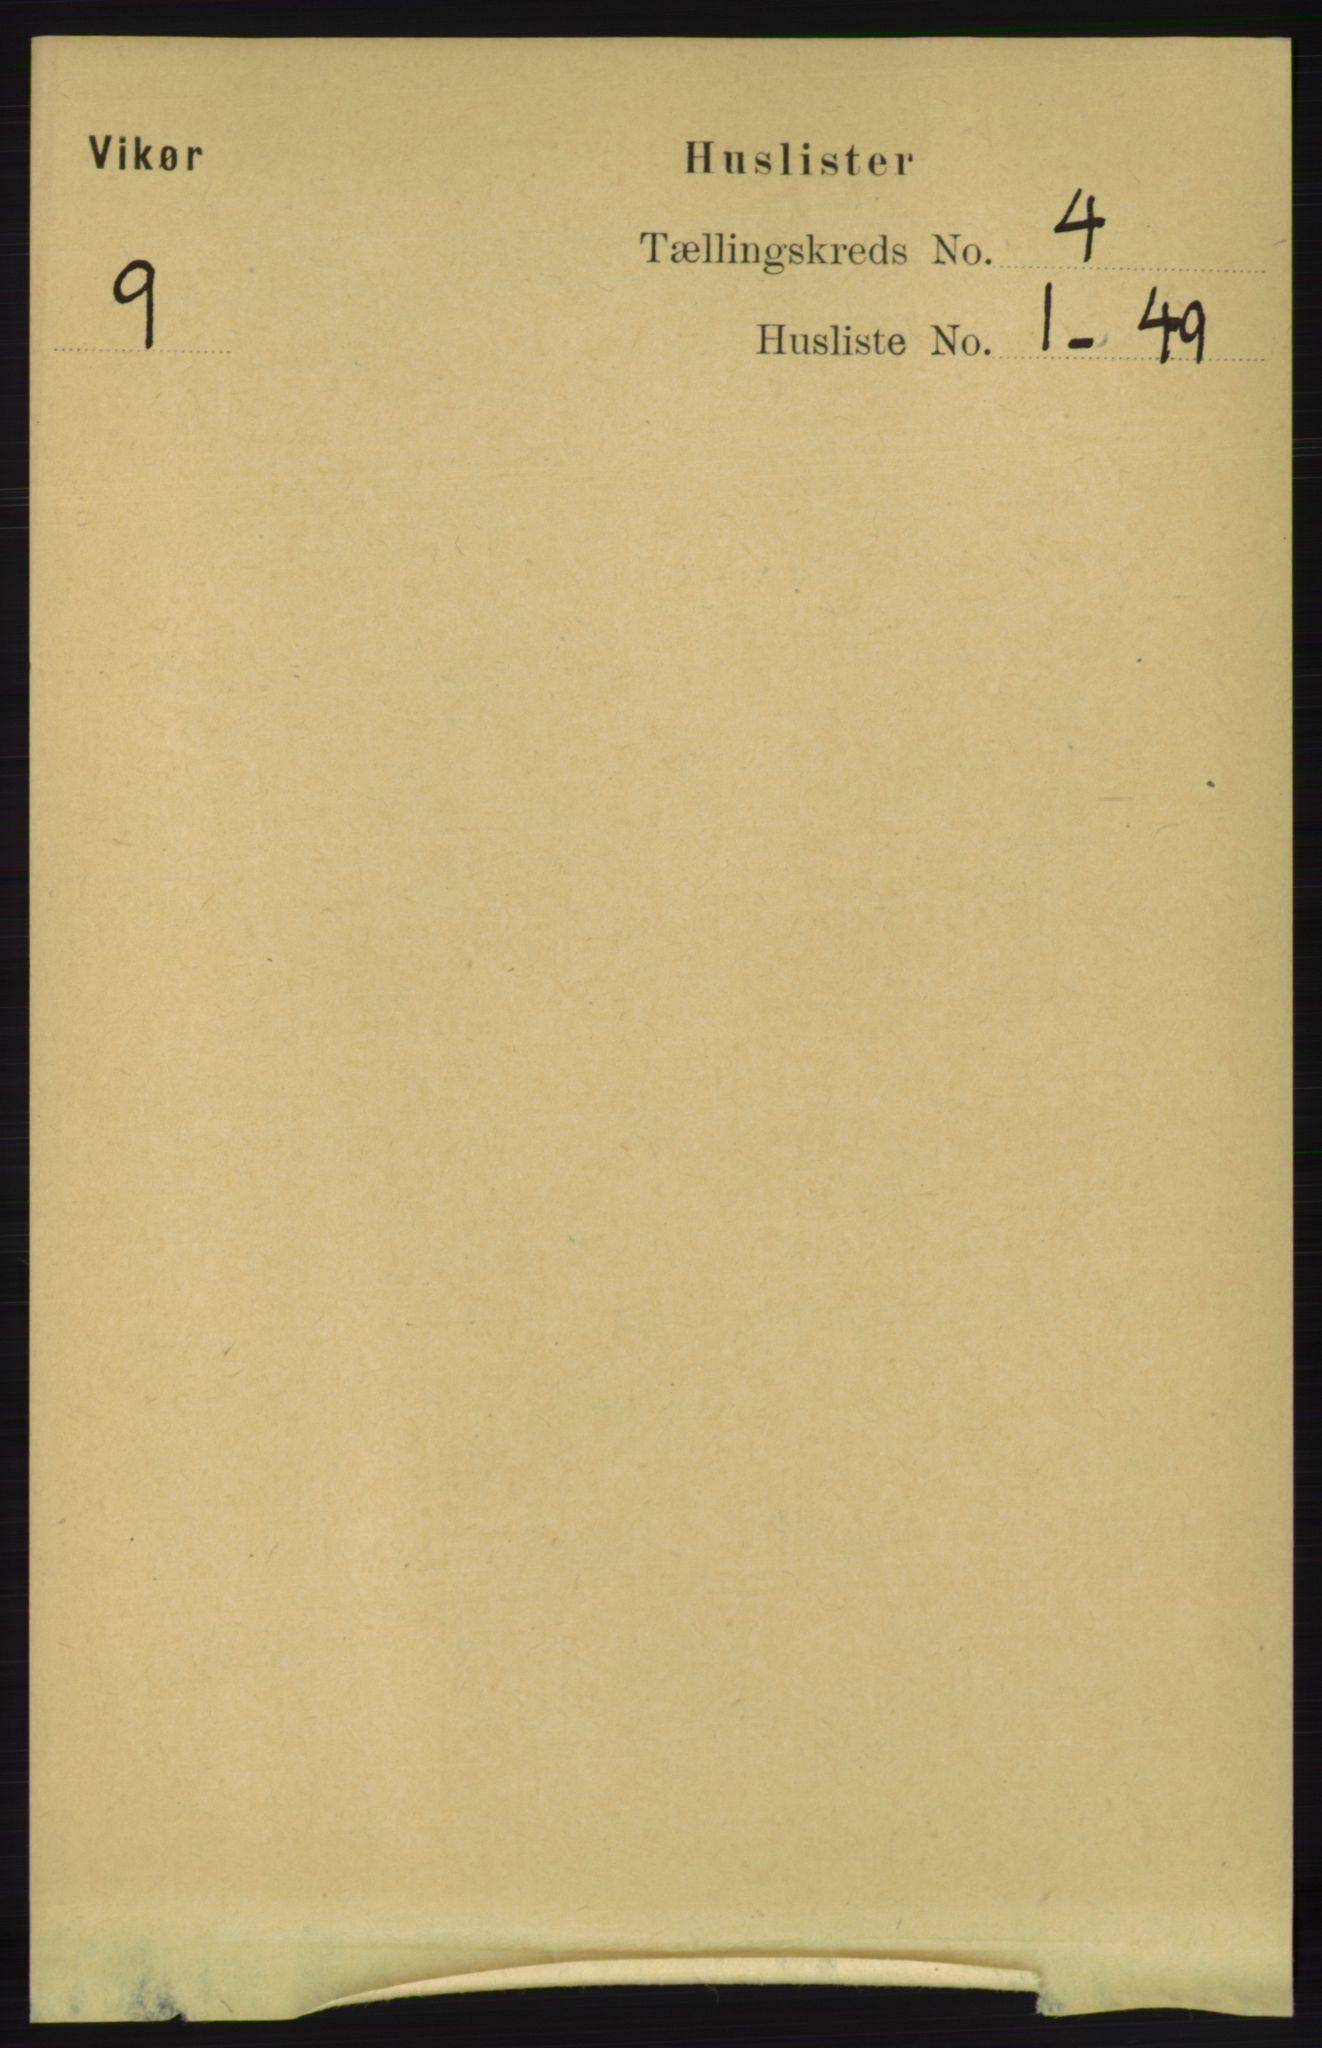 RA, Folketelling 1891 for 1238 Vikør herred, 1891, s. 1034